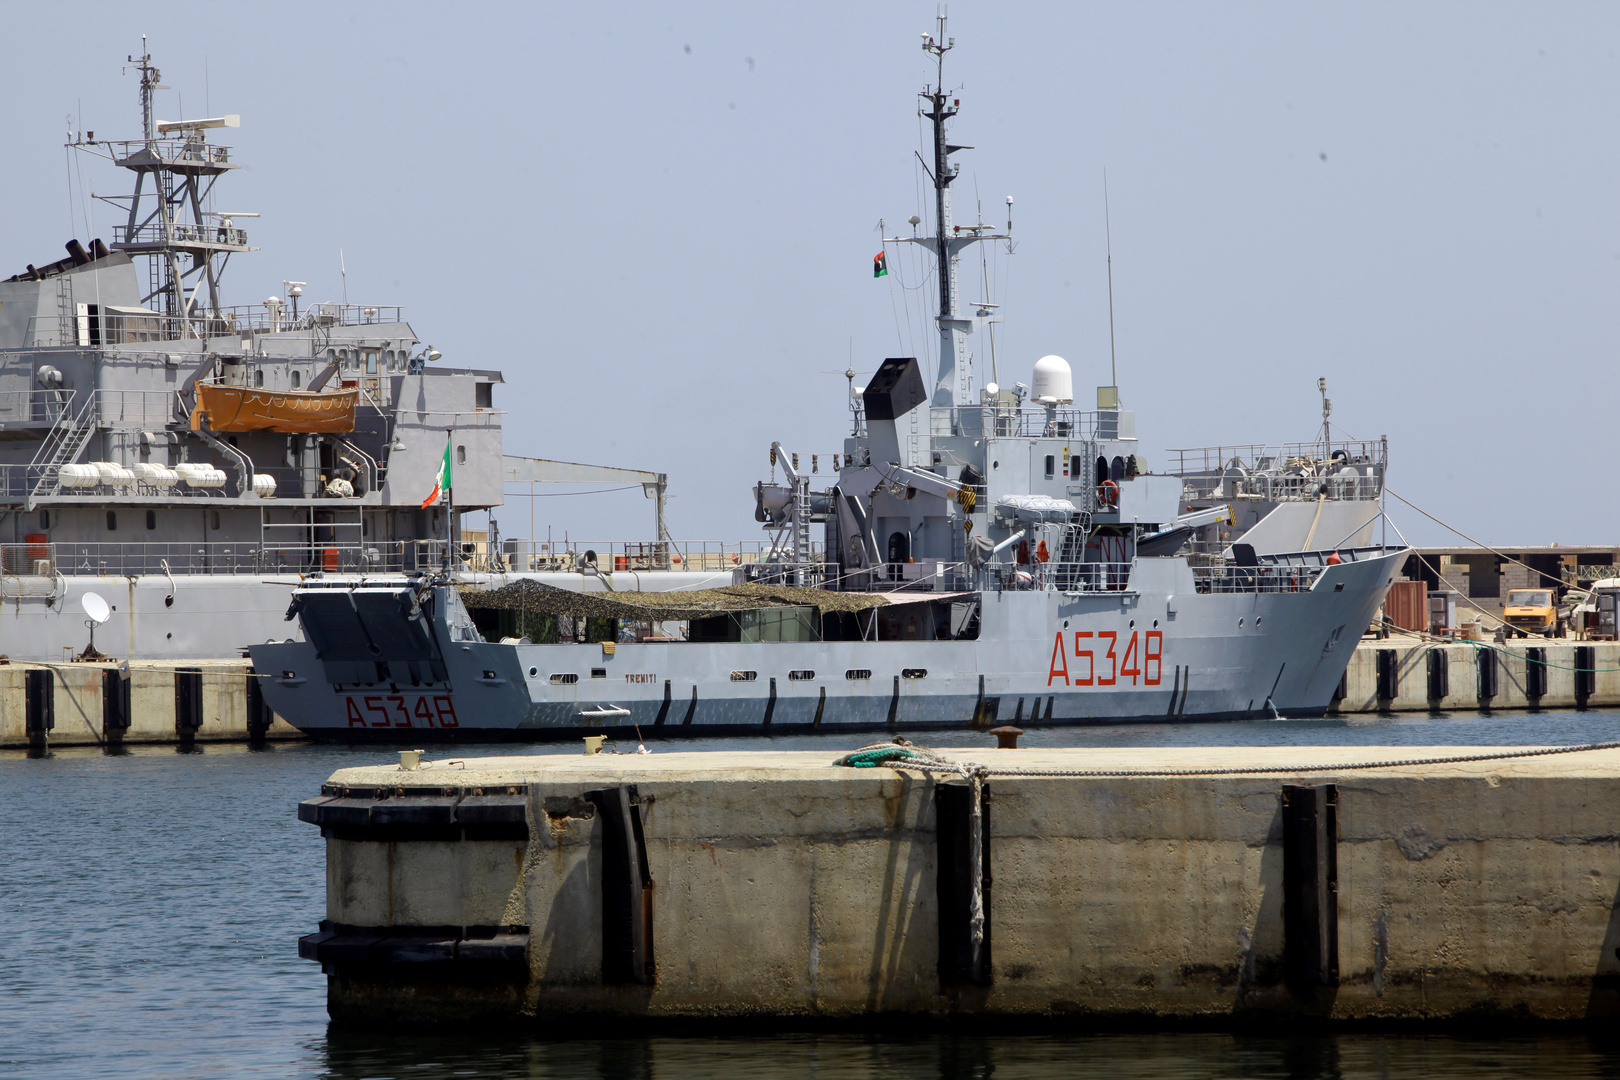 البحرية الإيطالية، أرشيف